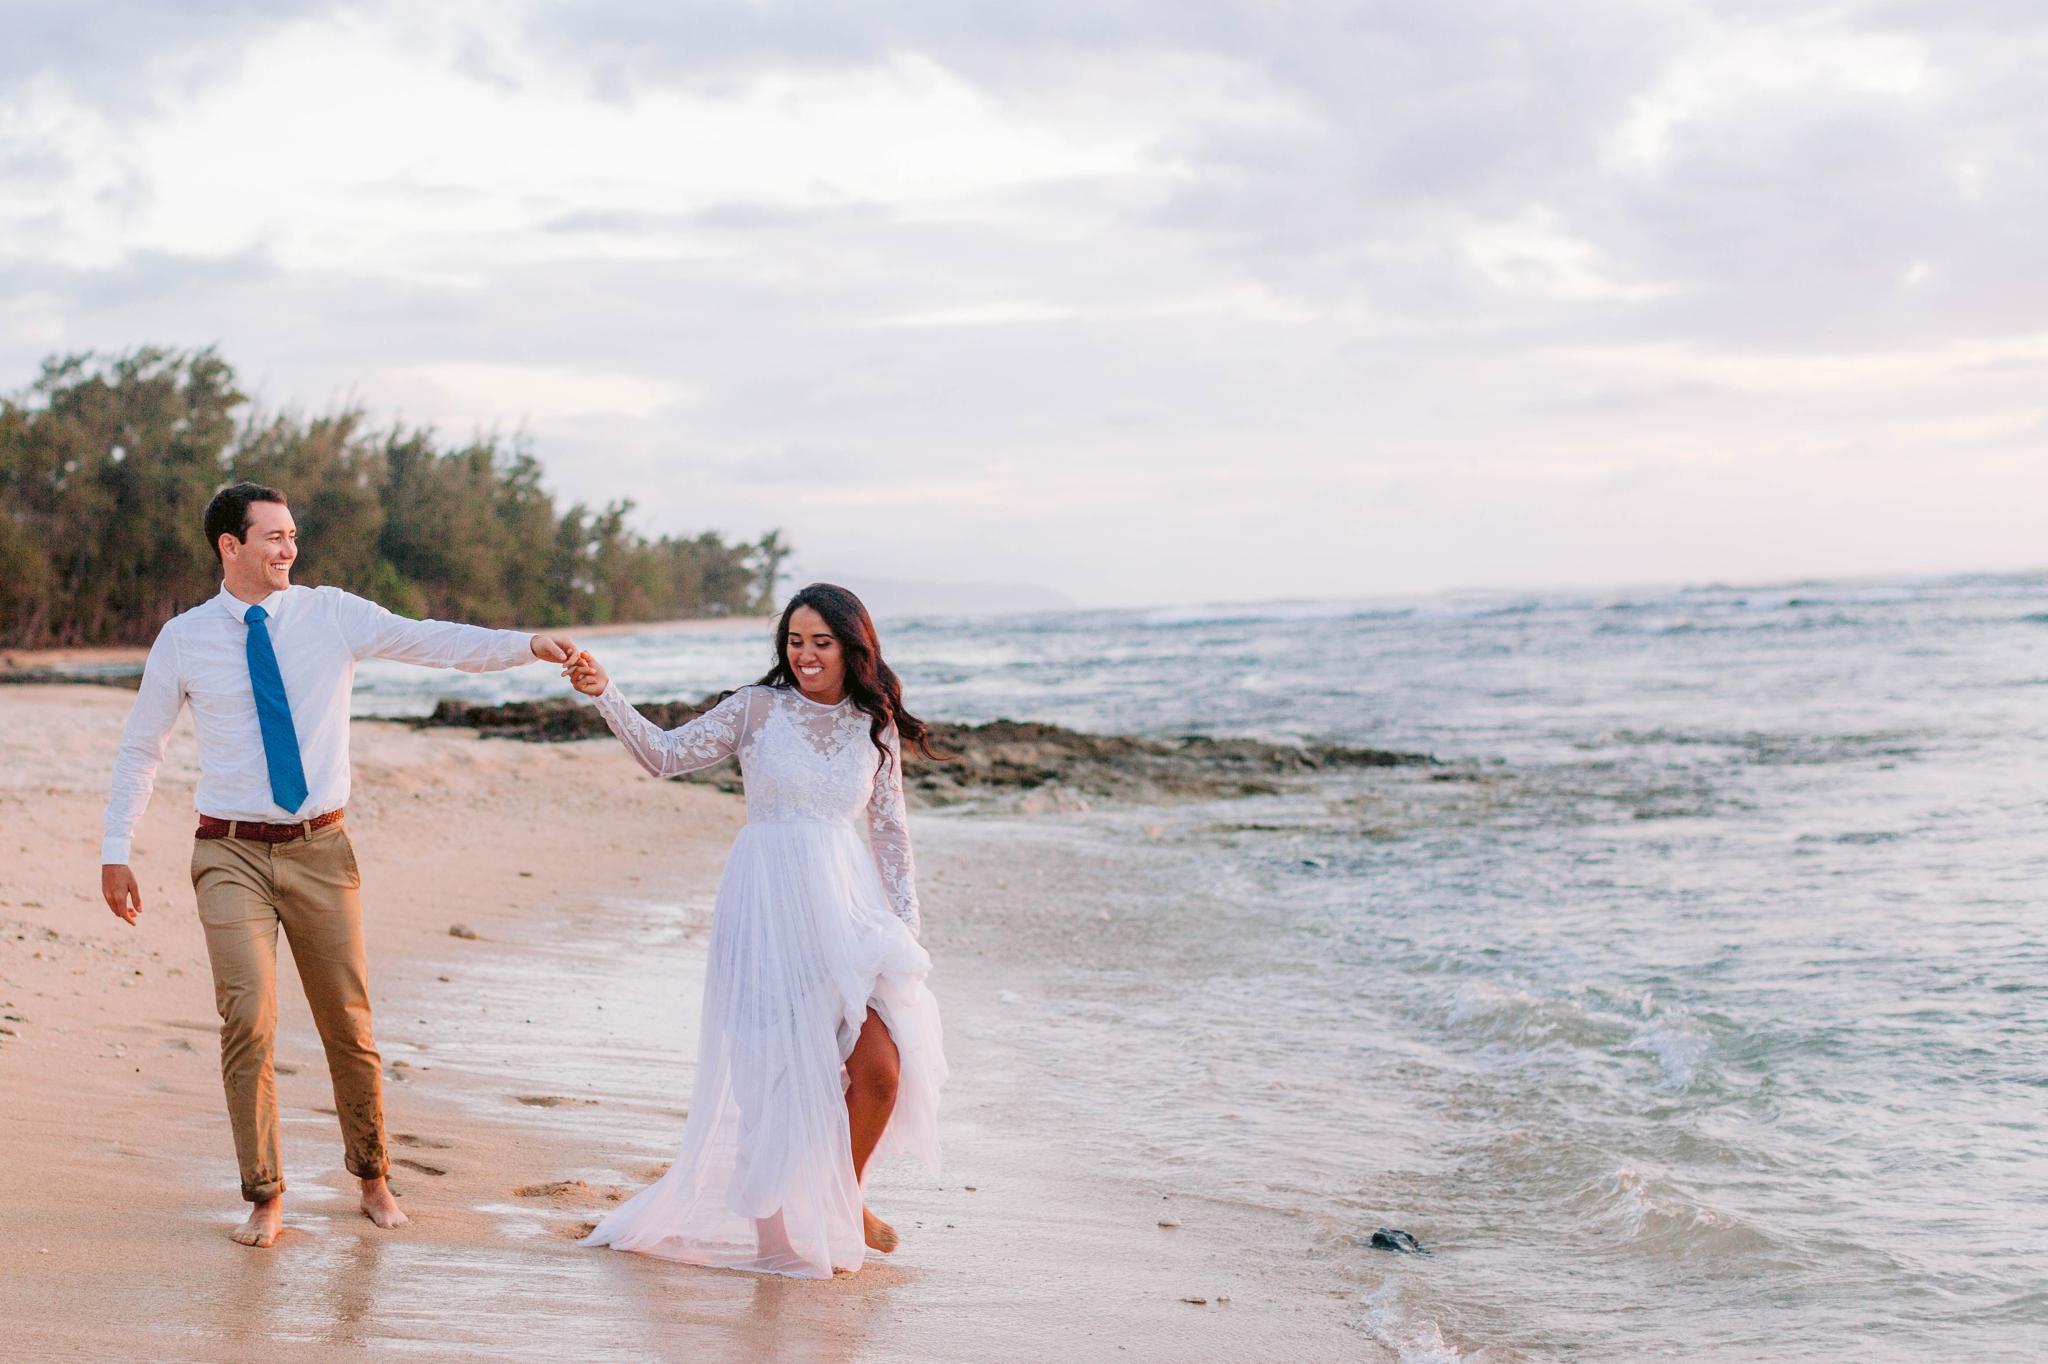 Bride and Groom walking on the beach - Wedding Portraits at Sunset in Hawaii - Ana + Elijah - Wedding at Loulu Palm in Haleiwa, HI - Oahu Hawaii Wedding Photographer - #hawaiiweddingphotographer #oahuweddings #hawaiiweddings